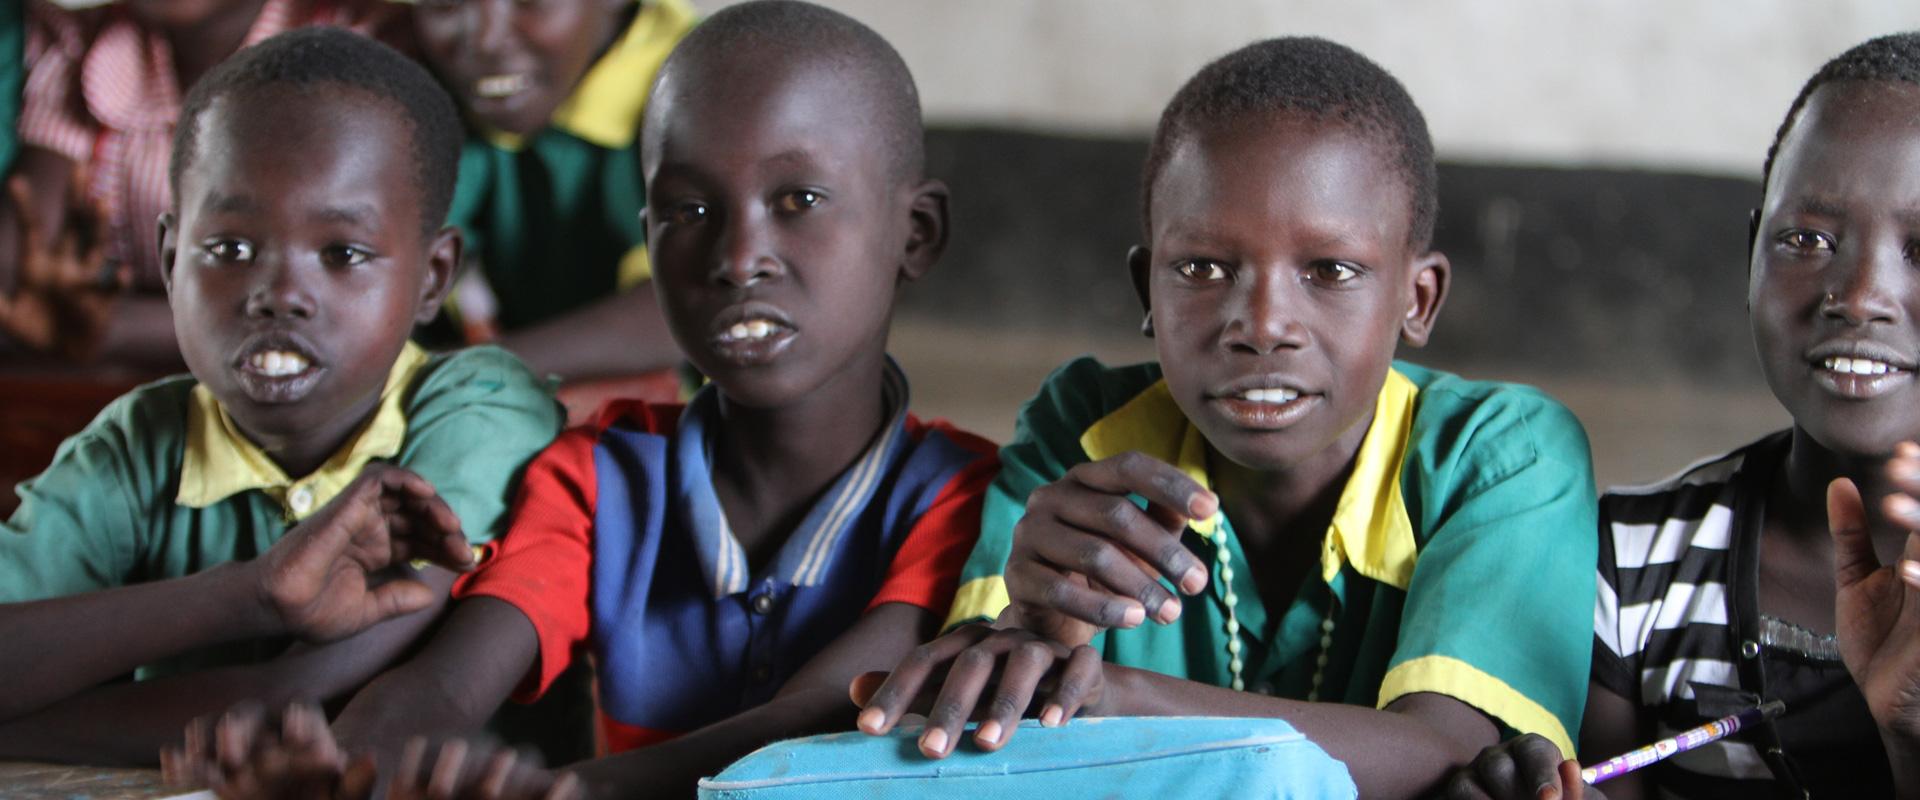 Skole - ingen selvfølge - en menneskerett - Sør-Sudan